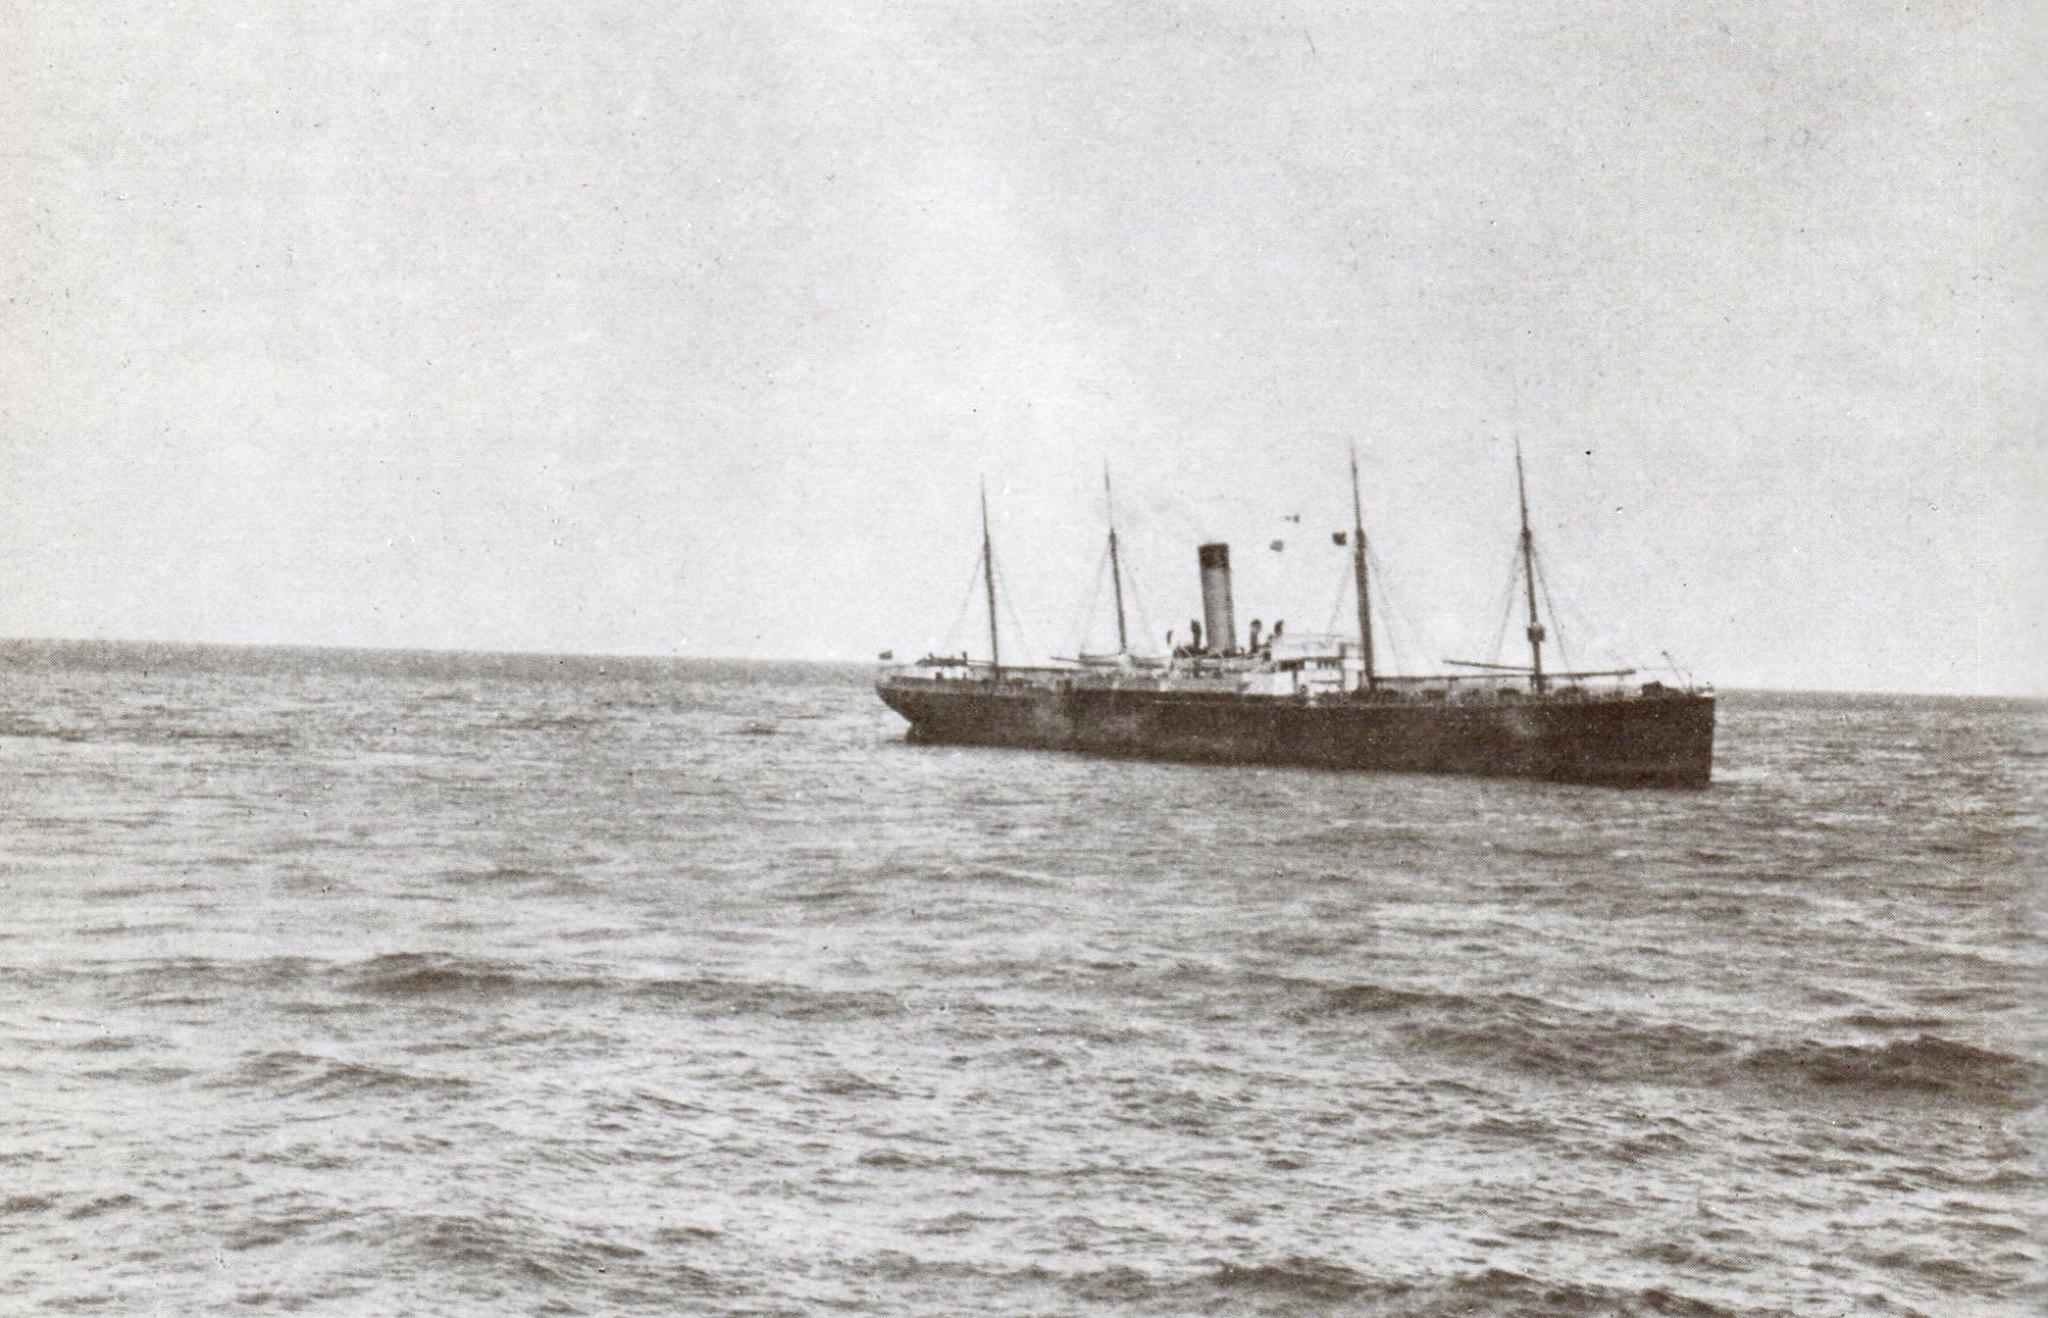 Приблизительно  в 7  утра  15-го  апреля,  «Калифорниэн»  прибыл  на  место  гибели  «Титаника»,  обойдя  ледовое  поле  с  севера.